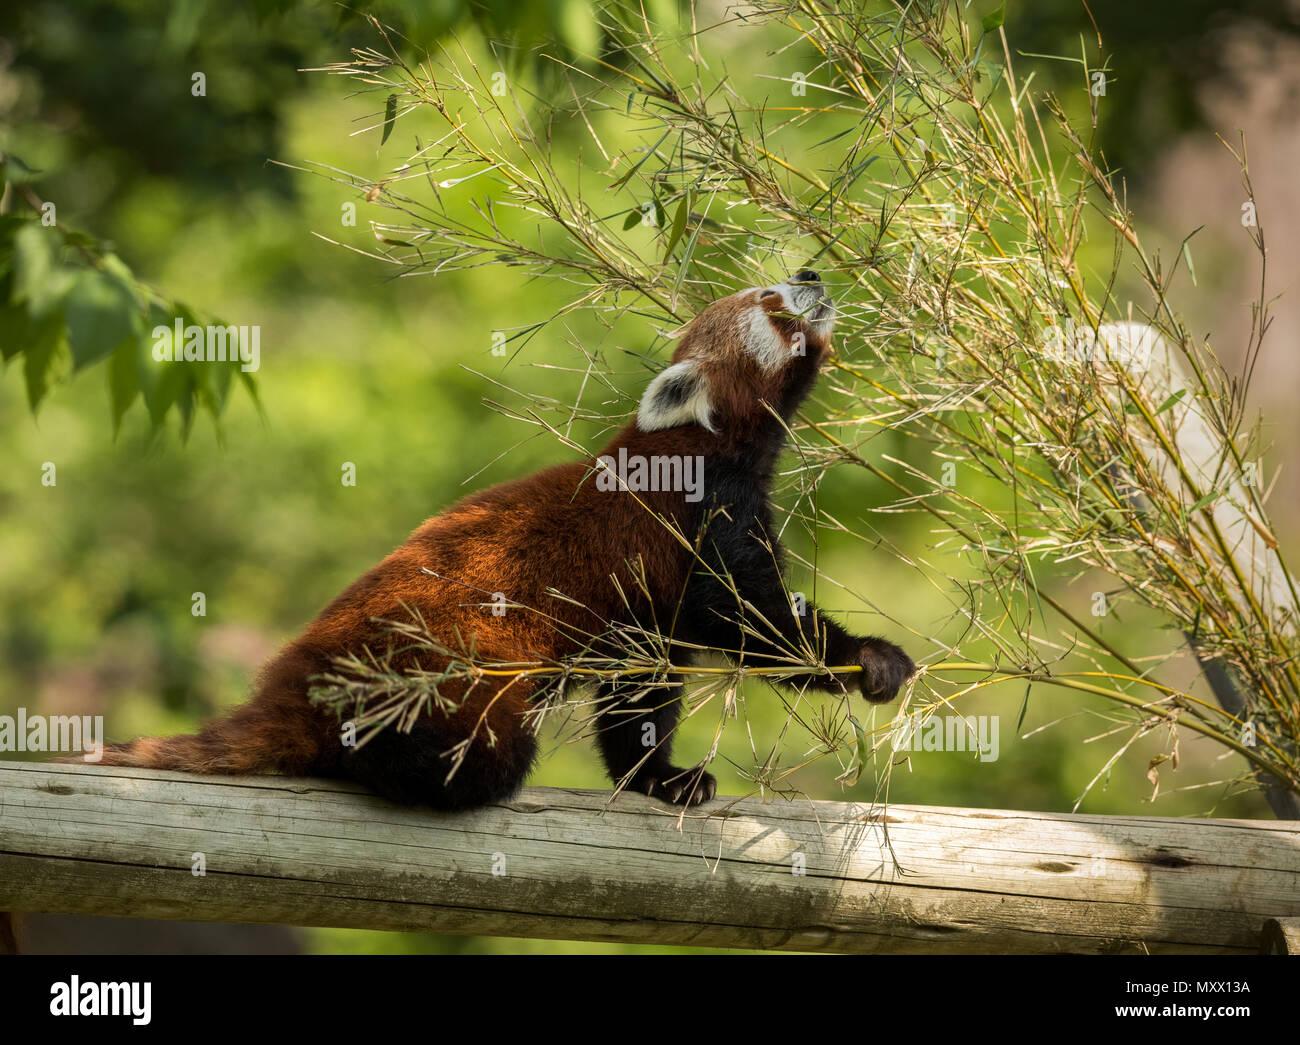 Animal lindo, uno rojo oso panda comiendo bambú. Animal sentado en un registro, sosteniendo una rama de bambú mientras que se extendía hacia las hojas verdes. Bosque verde en el fondo. Foto de stock